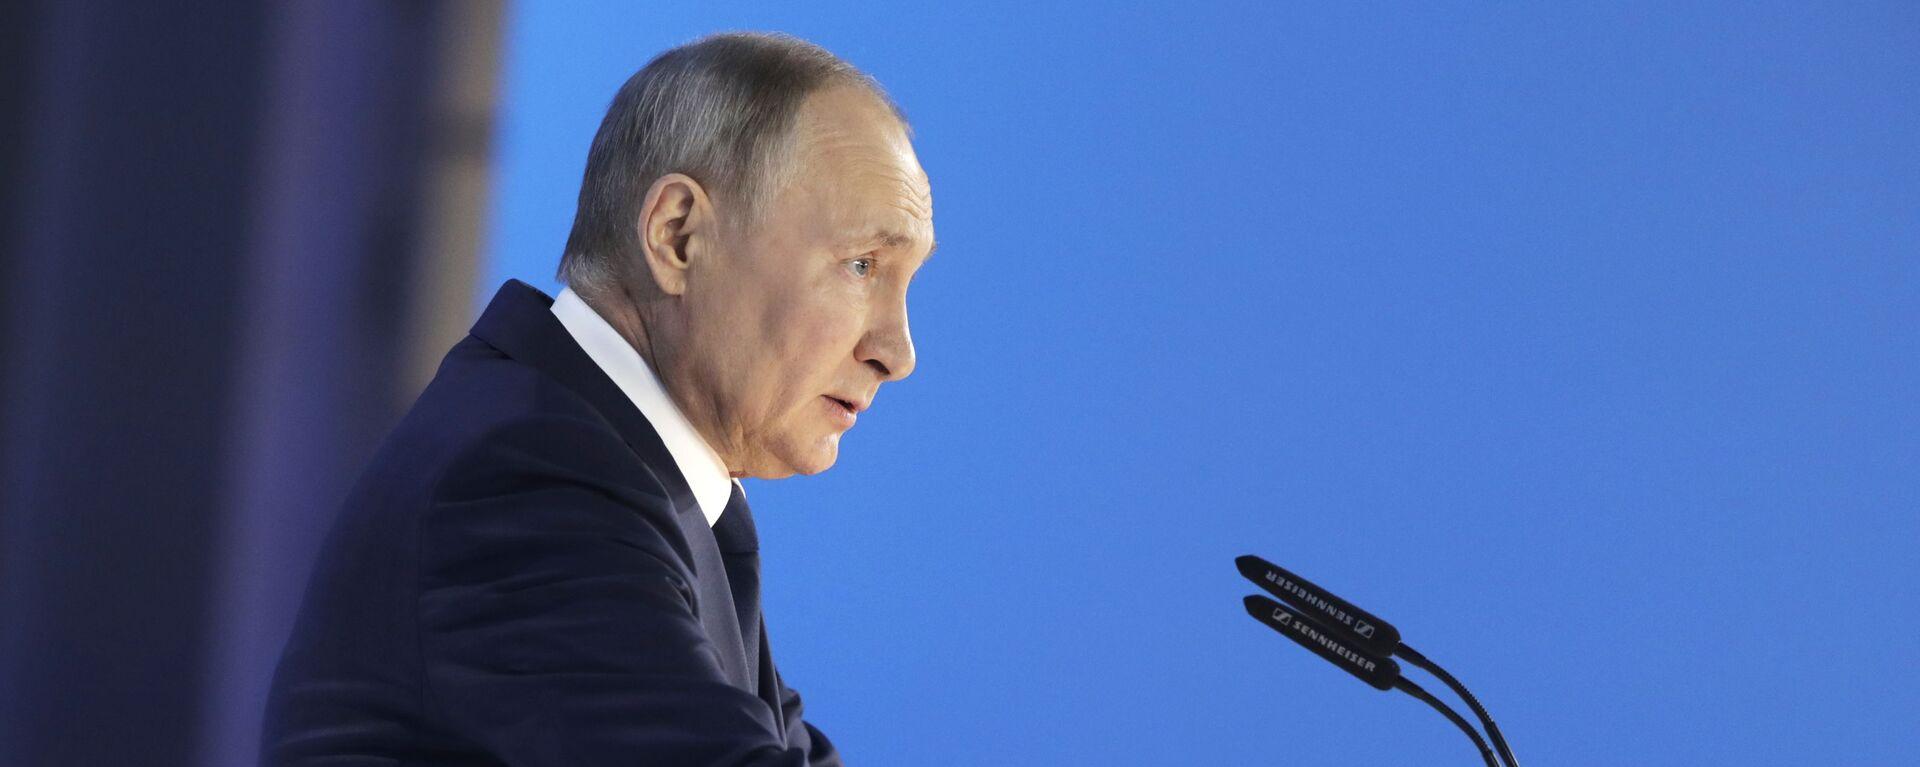 Президент РФ Владимир Путин выступает с ежегодным посланием Федеральному Собранию - Sputnik Česká republika, 1920, 09.06.2021